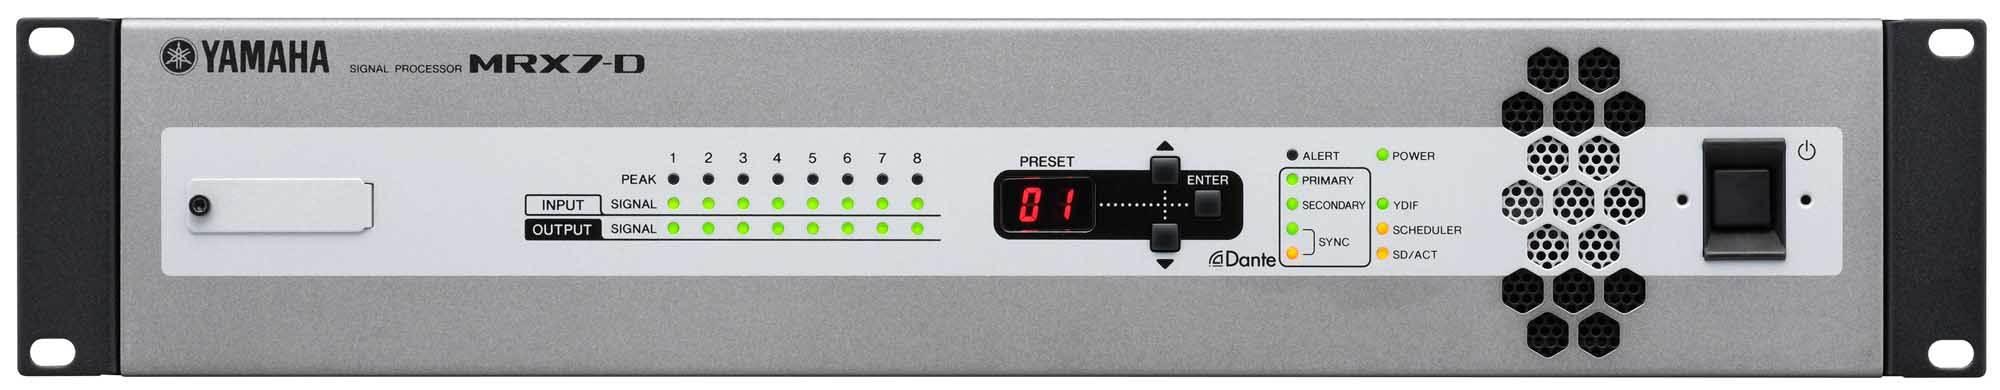 میکسر ، پری آمپ و پروسسور هوشمند و تحت شبکه صوتی محصول کمپانی YAMAHA ( یاماها ) مدل MRX7-D